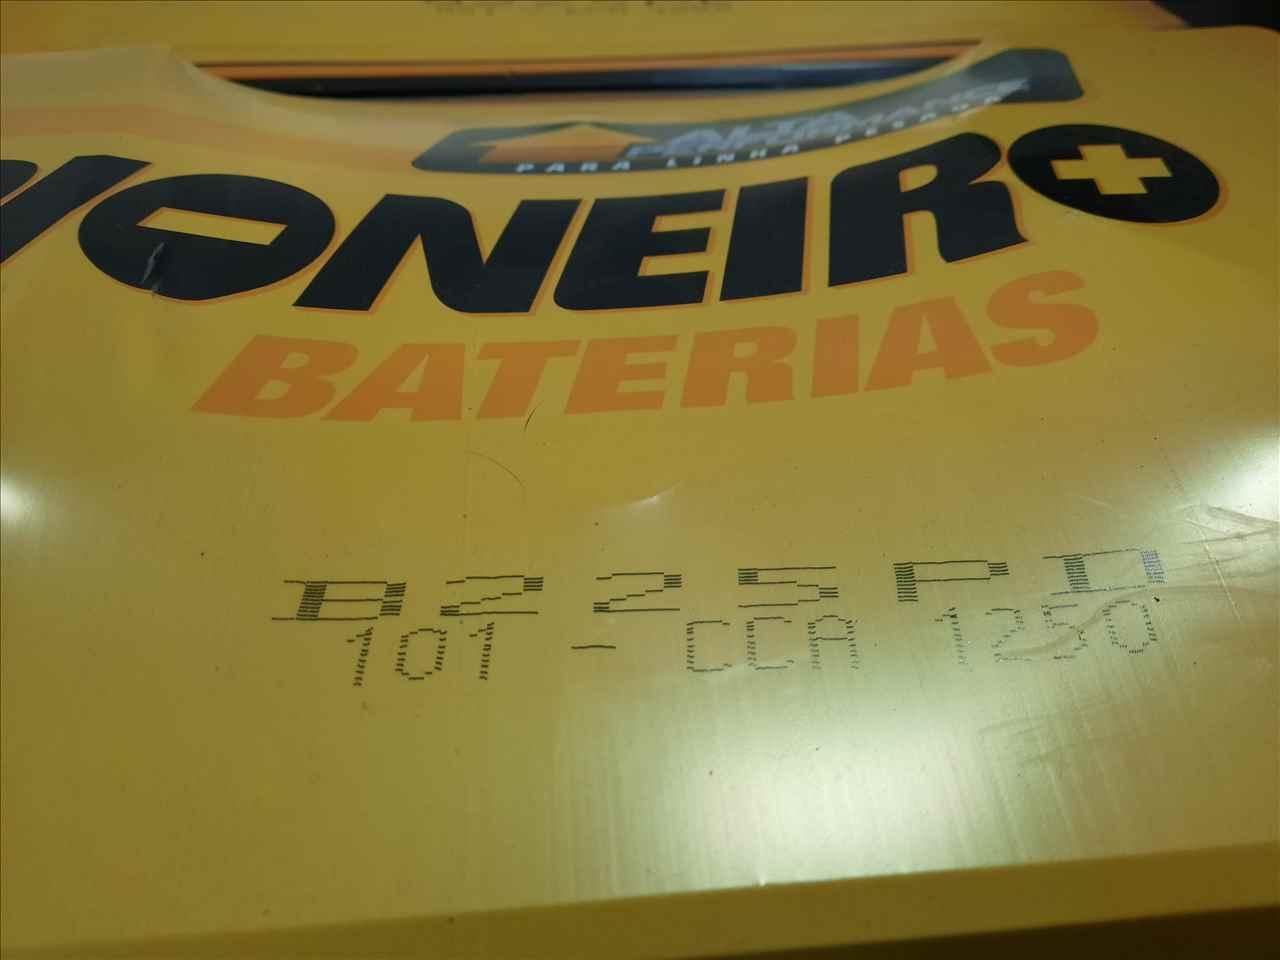 sao-jose-dos-pinhais%2fparana%2fbateria-225-ah-pioneiro%2fb225pd%2fbateria%2fcaminhoes-e-onibus%2fforrageira-slc-1000%2fcaio-baterias%2f12093